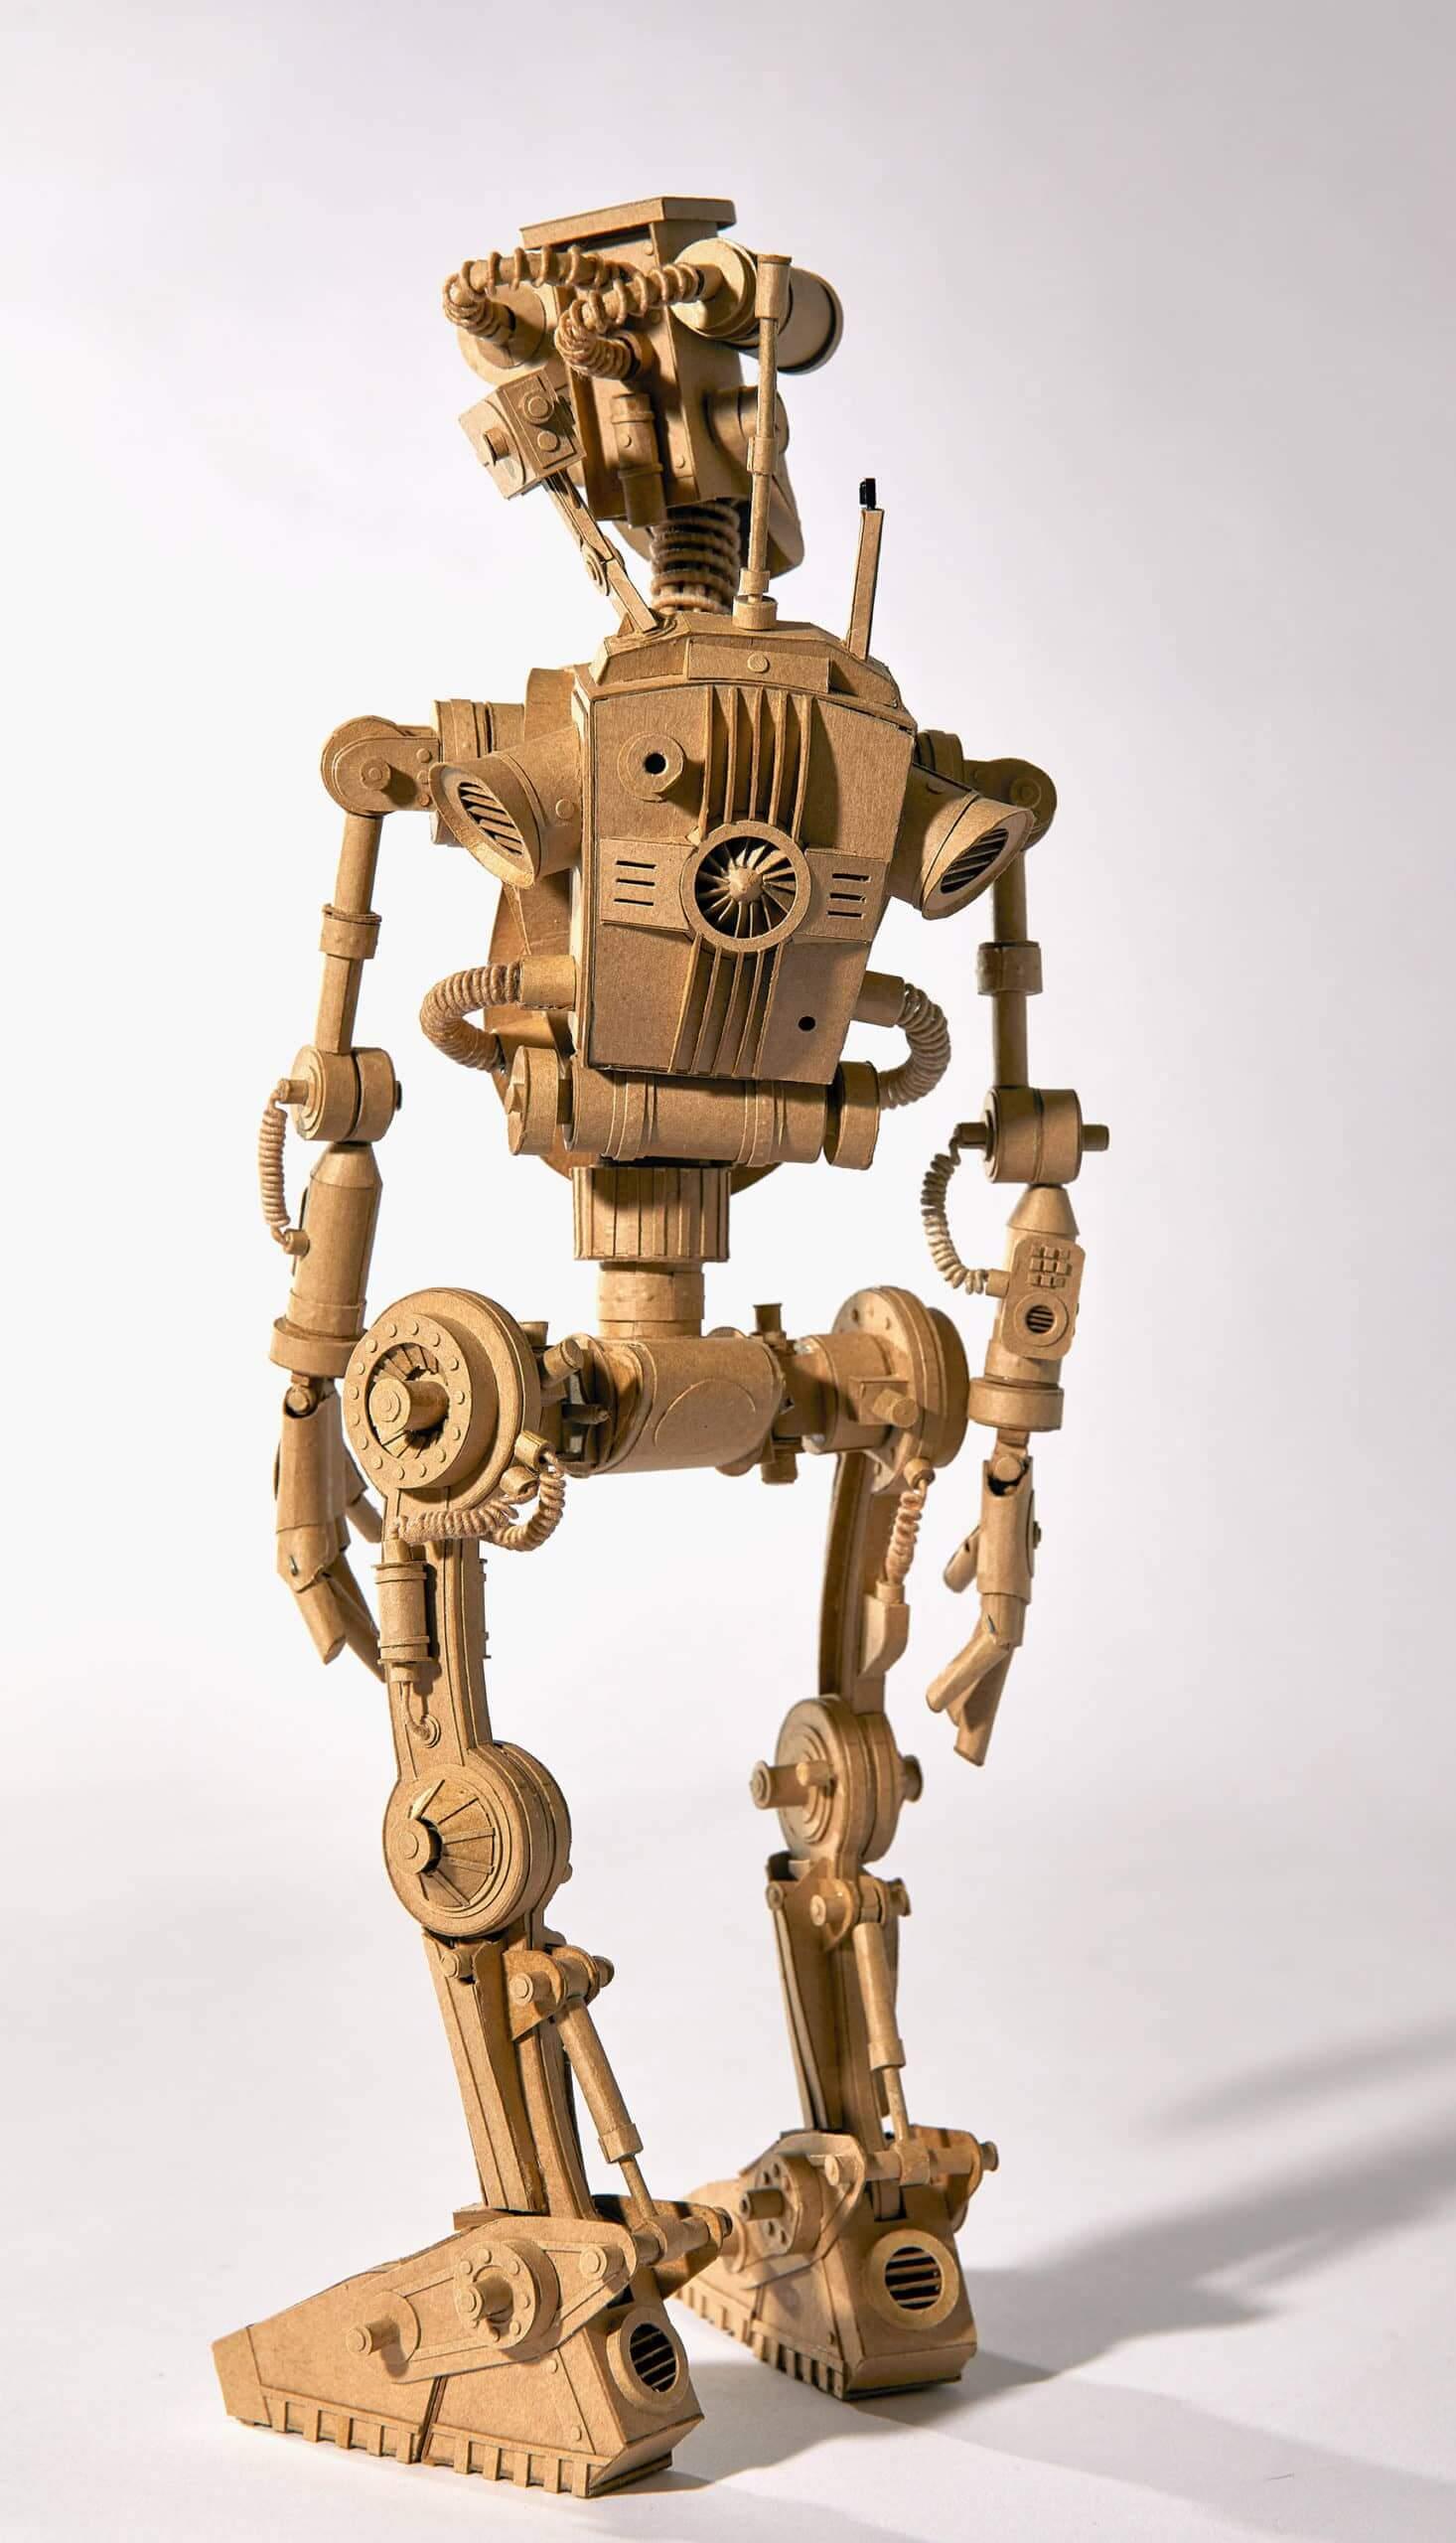 detalle posterior de una escultura de cartón en forma de robot hecha por el artista greg olijnyk